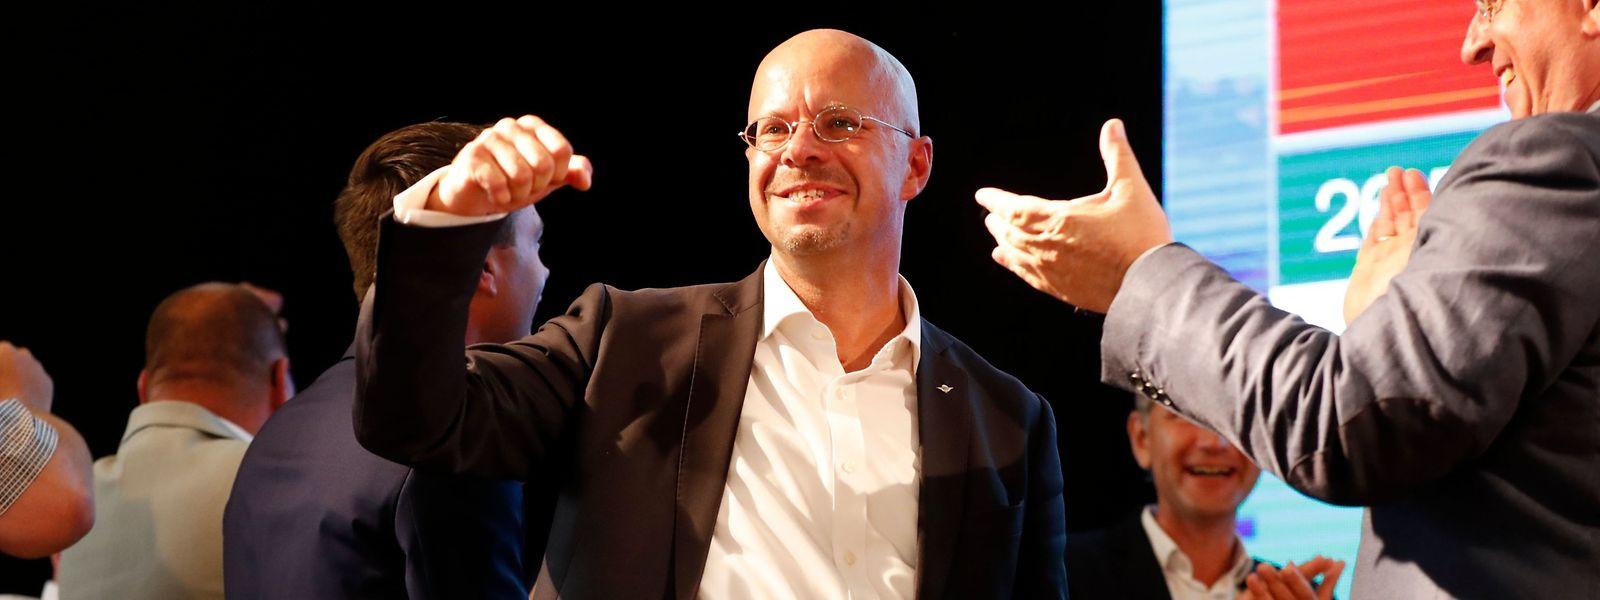 Andreas Kalbitz, candidat de l'AfD pour le Brandebourg, peut être satisfait du score de son parti. Même si l'extrême droite n'a remporté aucun des deux scrutins régionaux.